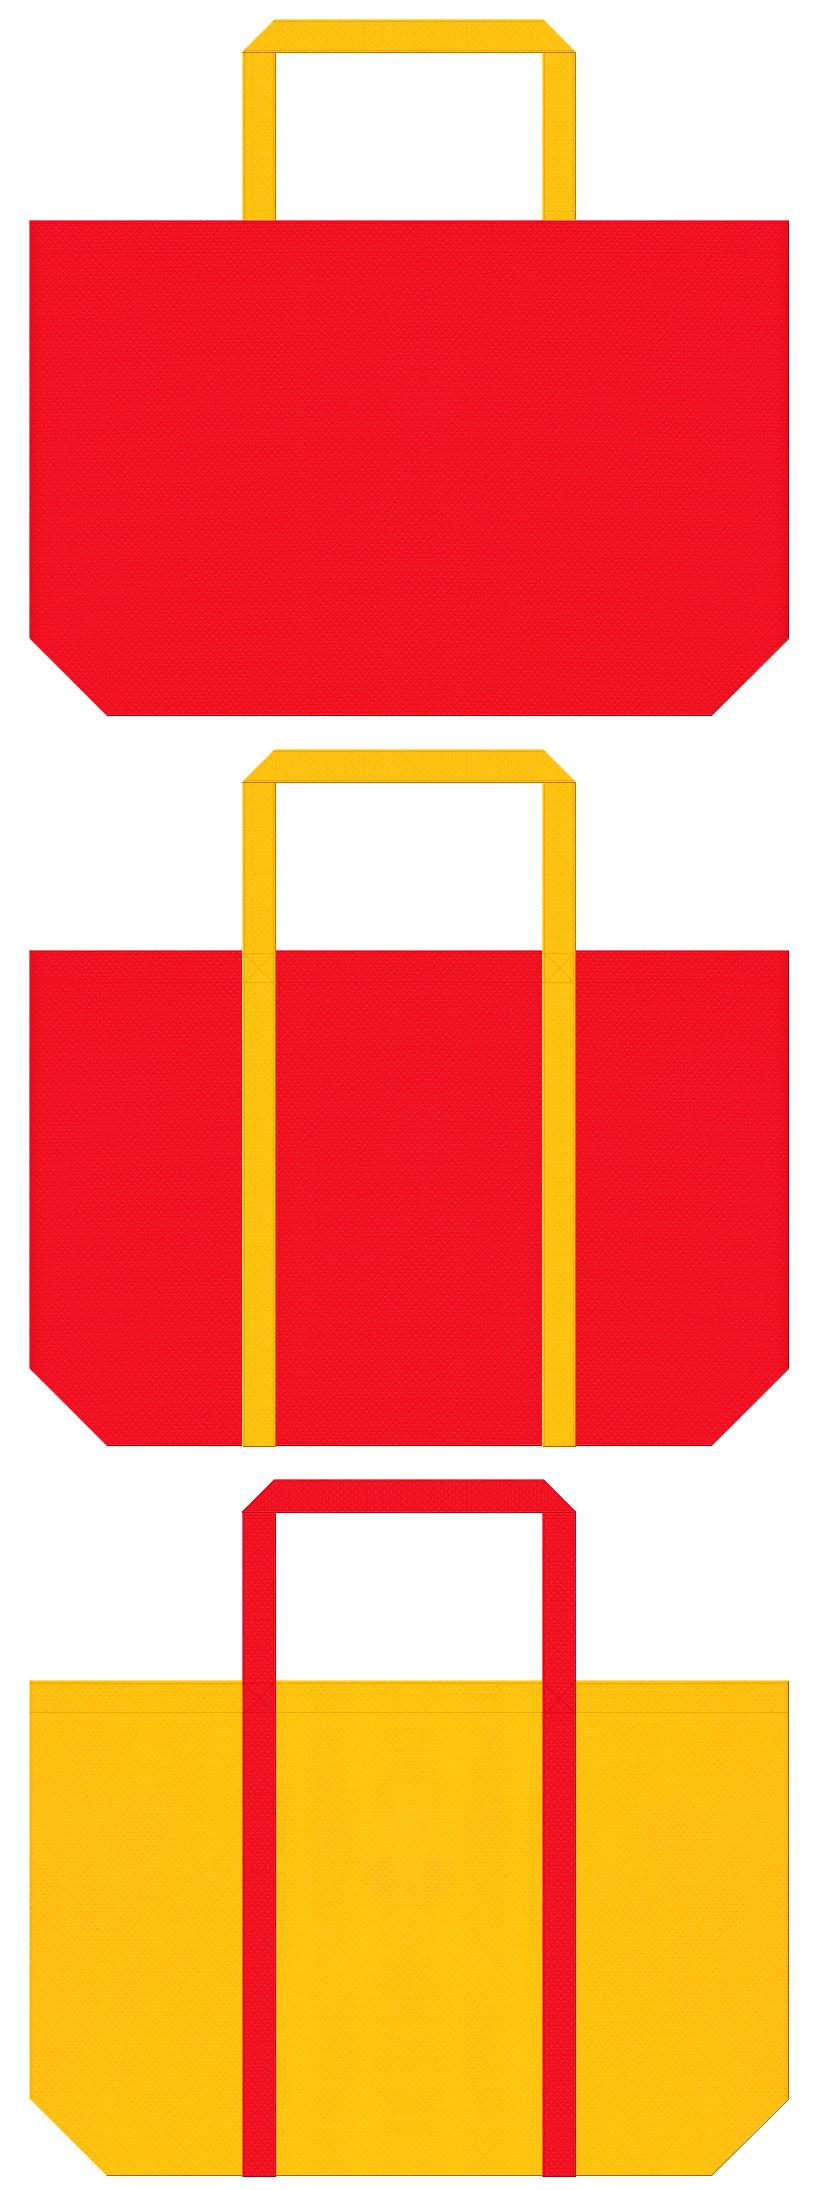 赤色と黄色の不織布バッグデザイン。ゲーム・おもちゃのショッピングバッグにお奨めです。